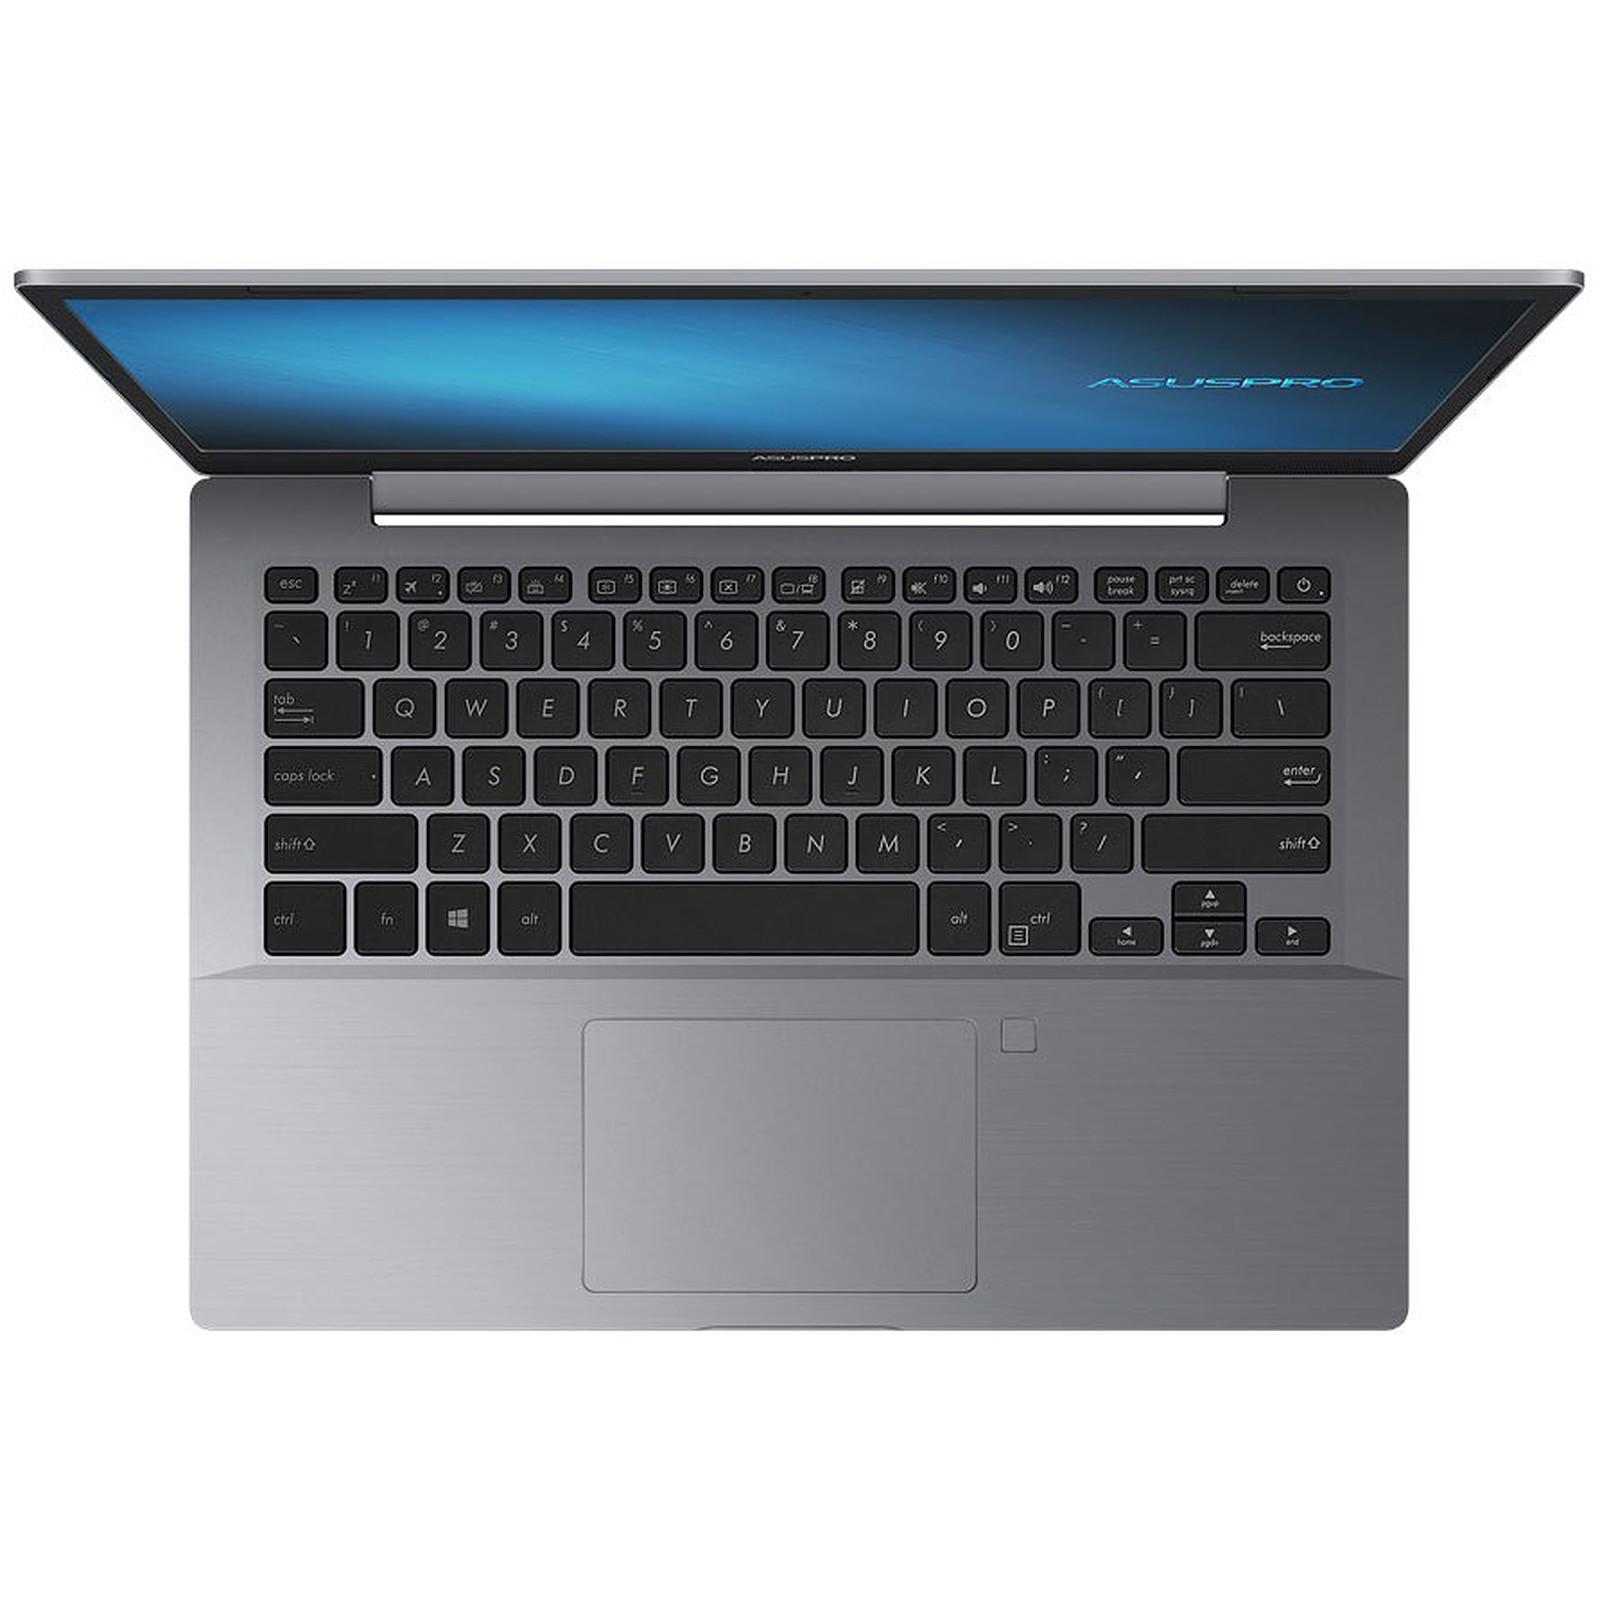 Ordinateur ultra portable Asus P5440 Intel i5, SSD 512 Go, 8Go DDR4, 14 pouces LED, W10 pro 64bits, informatique Reunion 974, Futur Réunion informatique